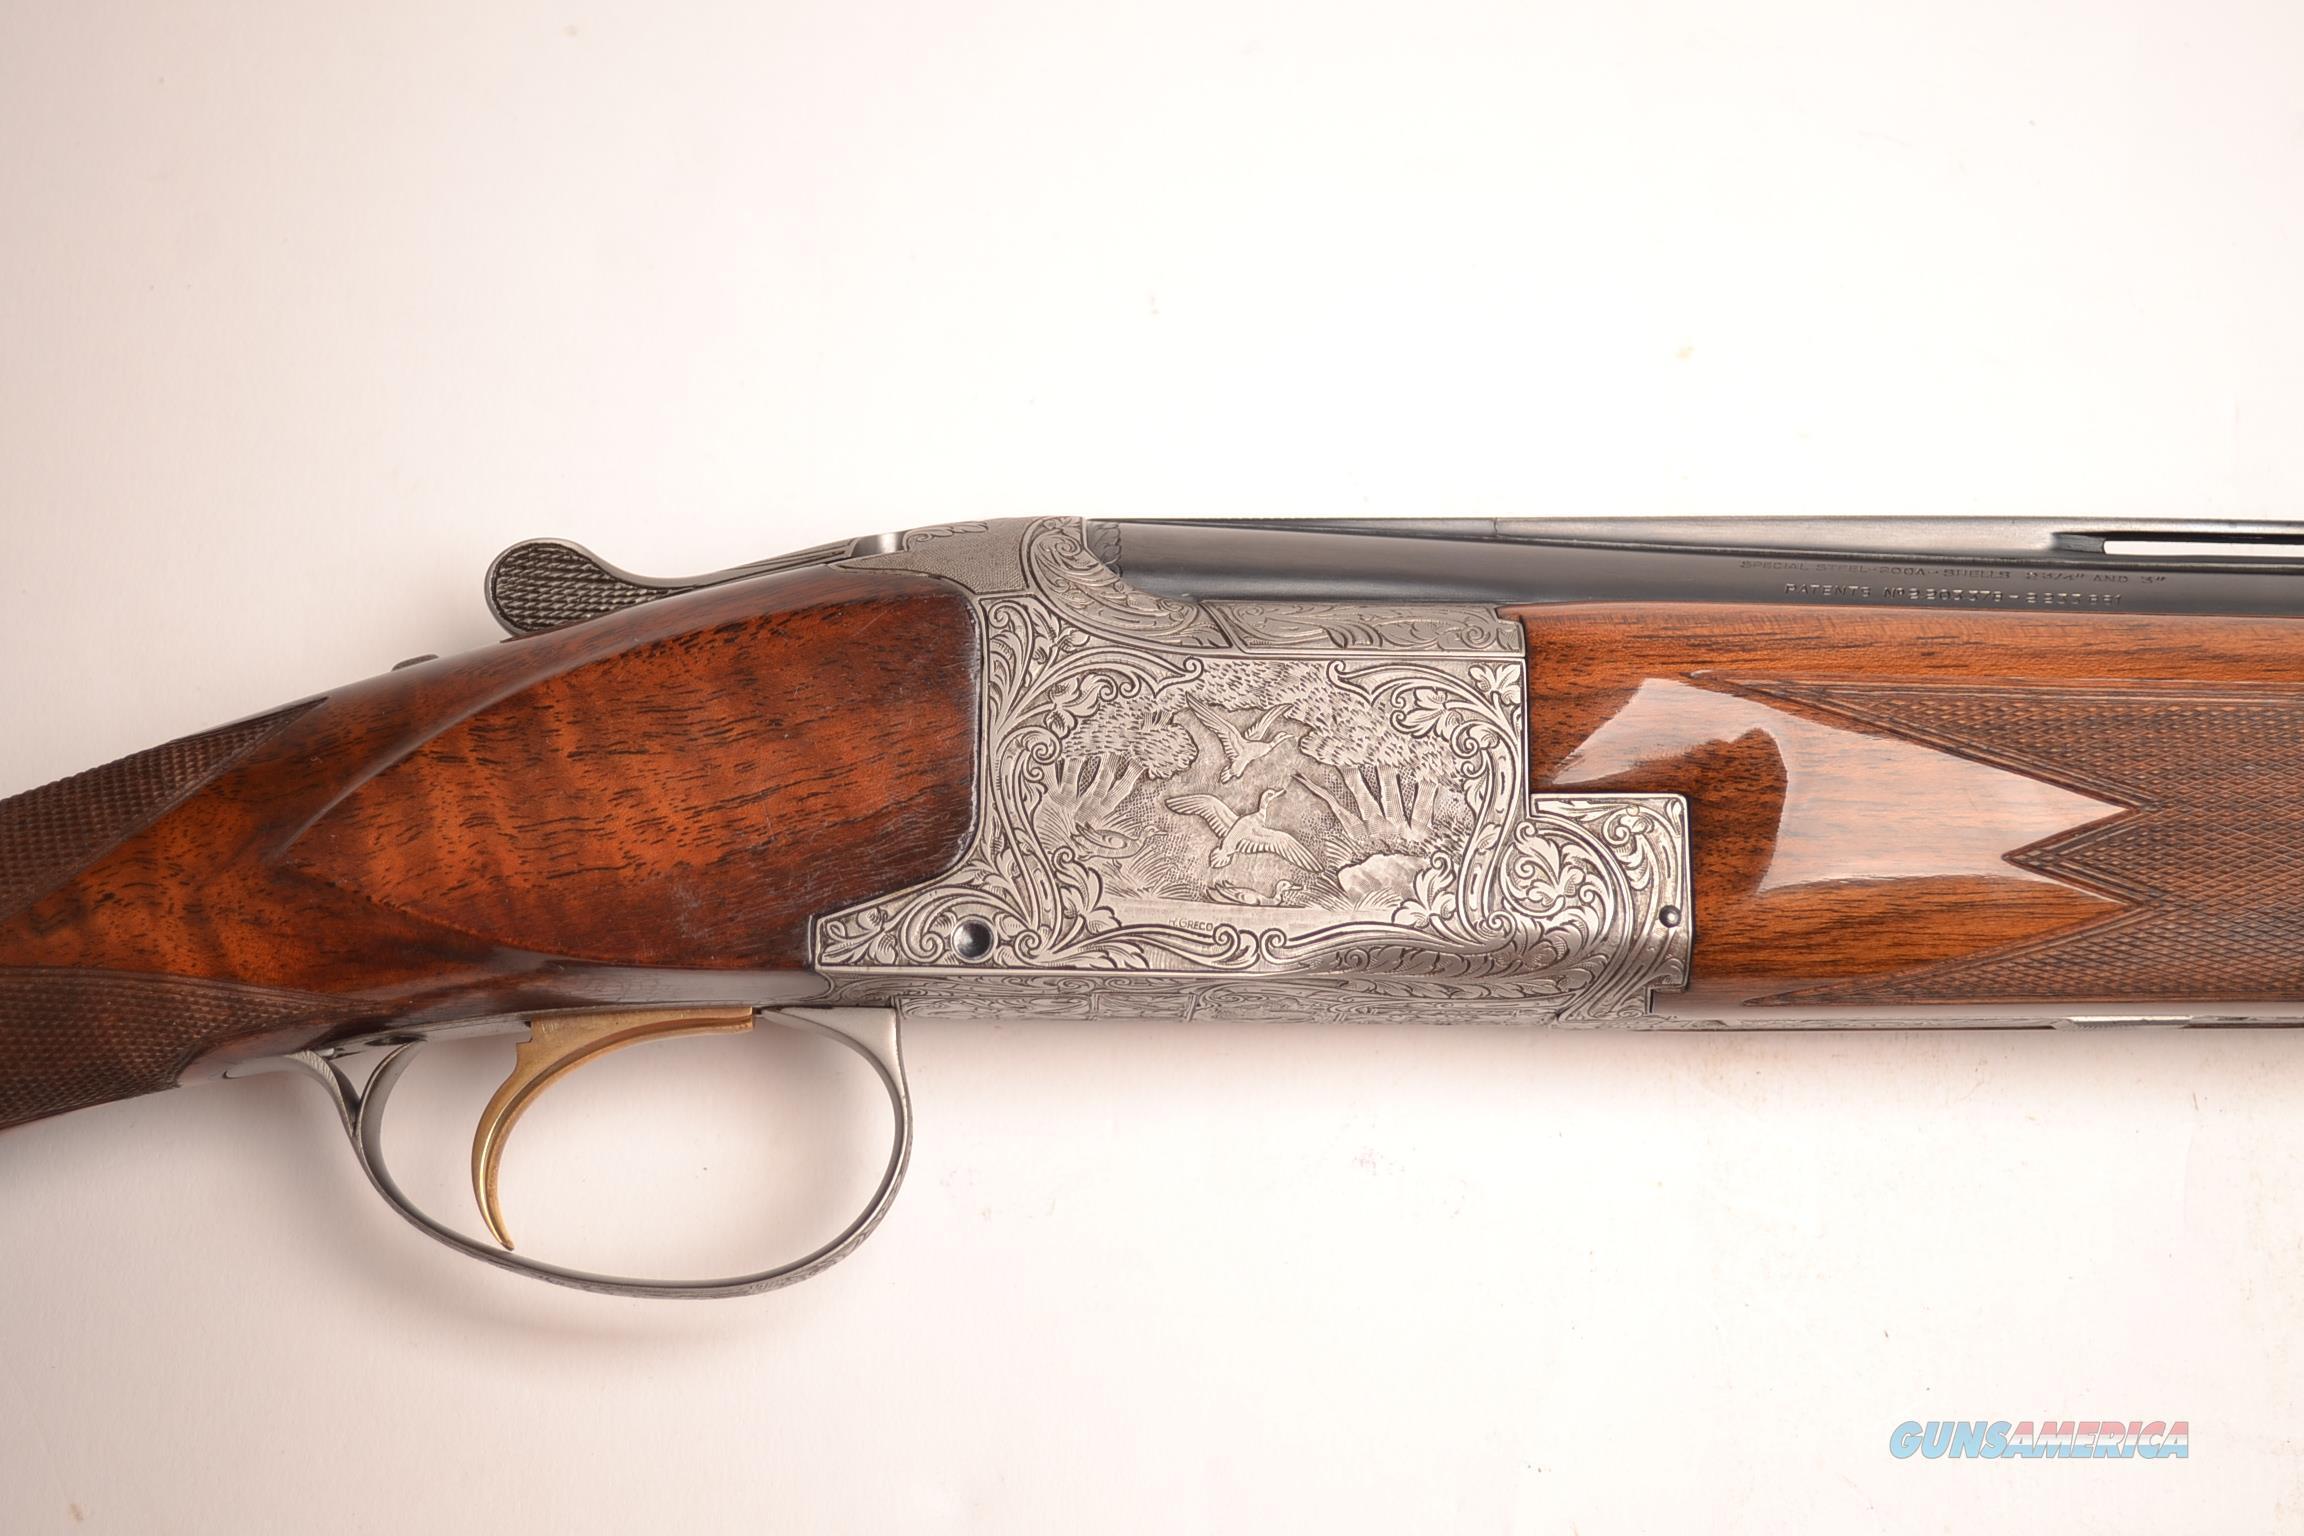 Browning – Diana 20ga.  Guns > Shotguns > Browning Shotguns > Over Unders > Belgian Manufacture